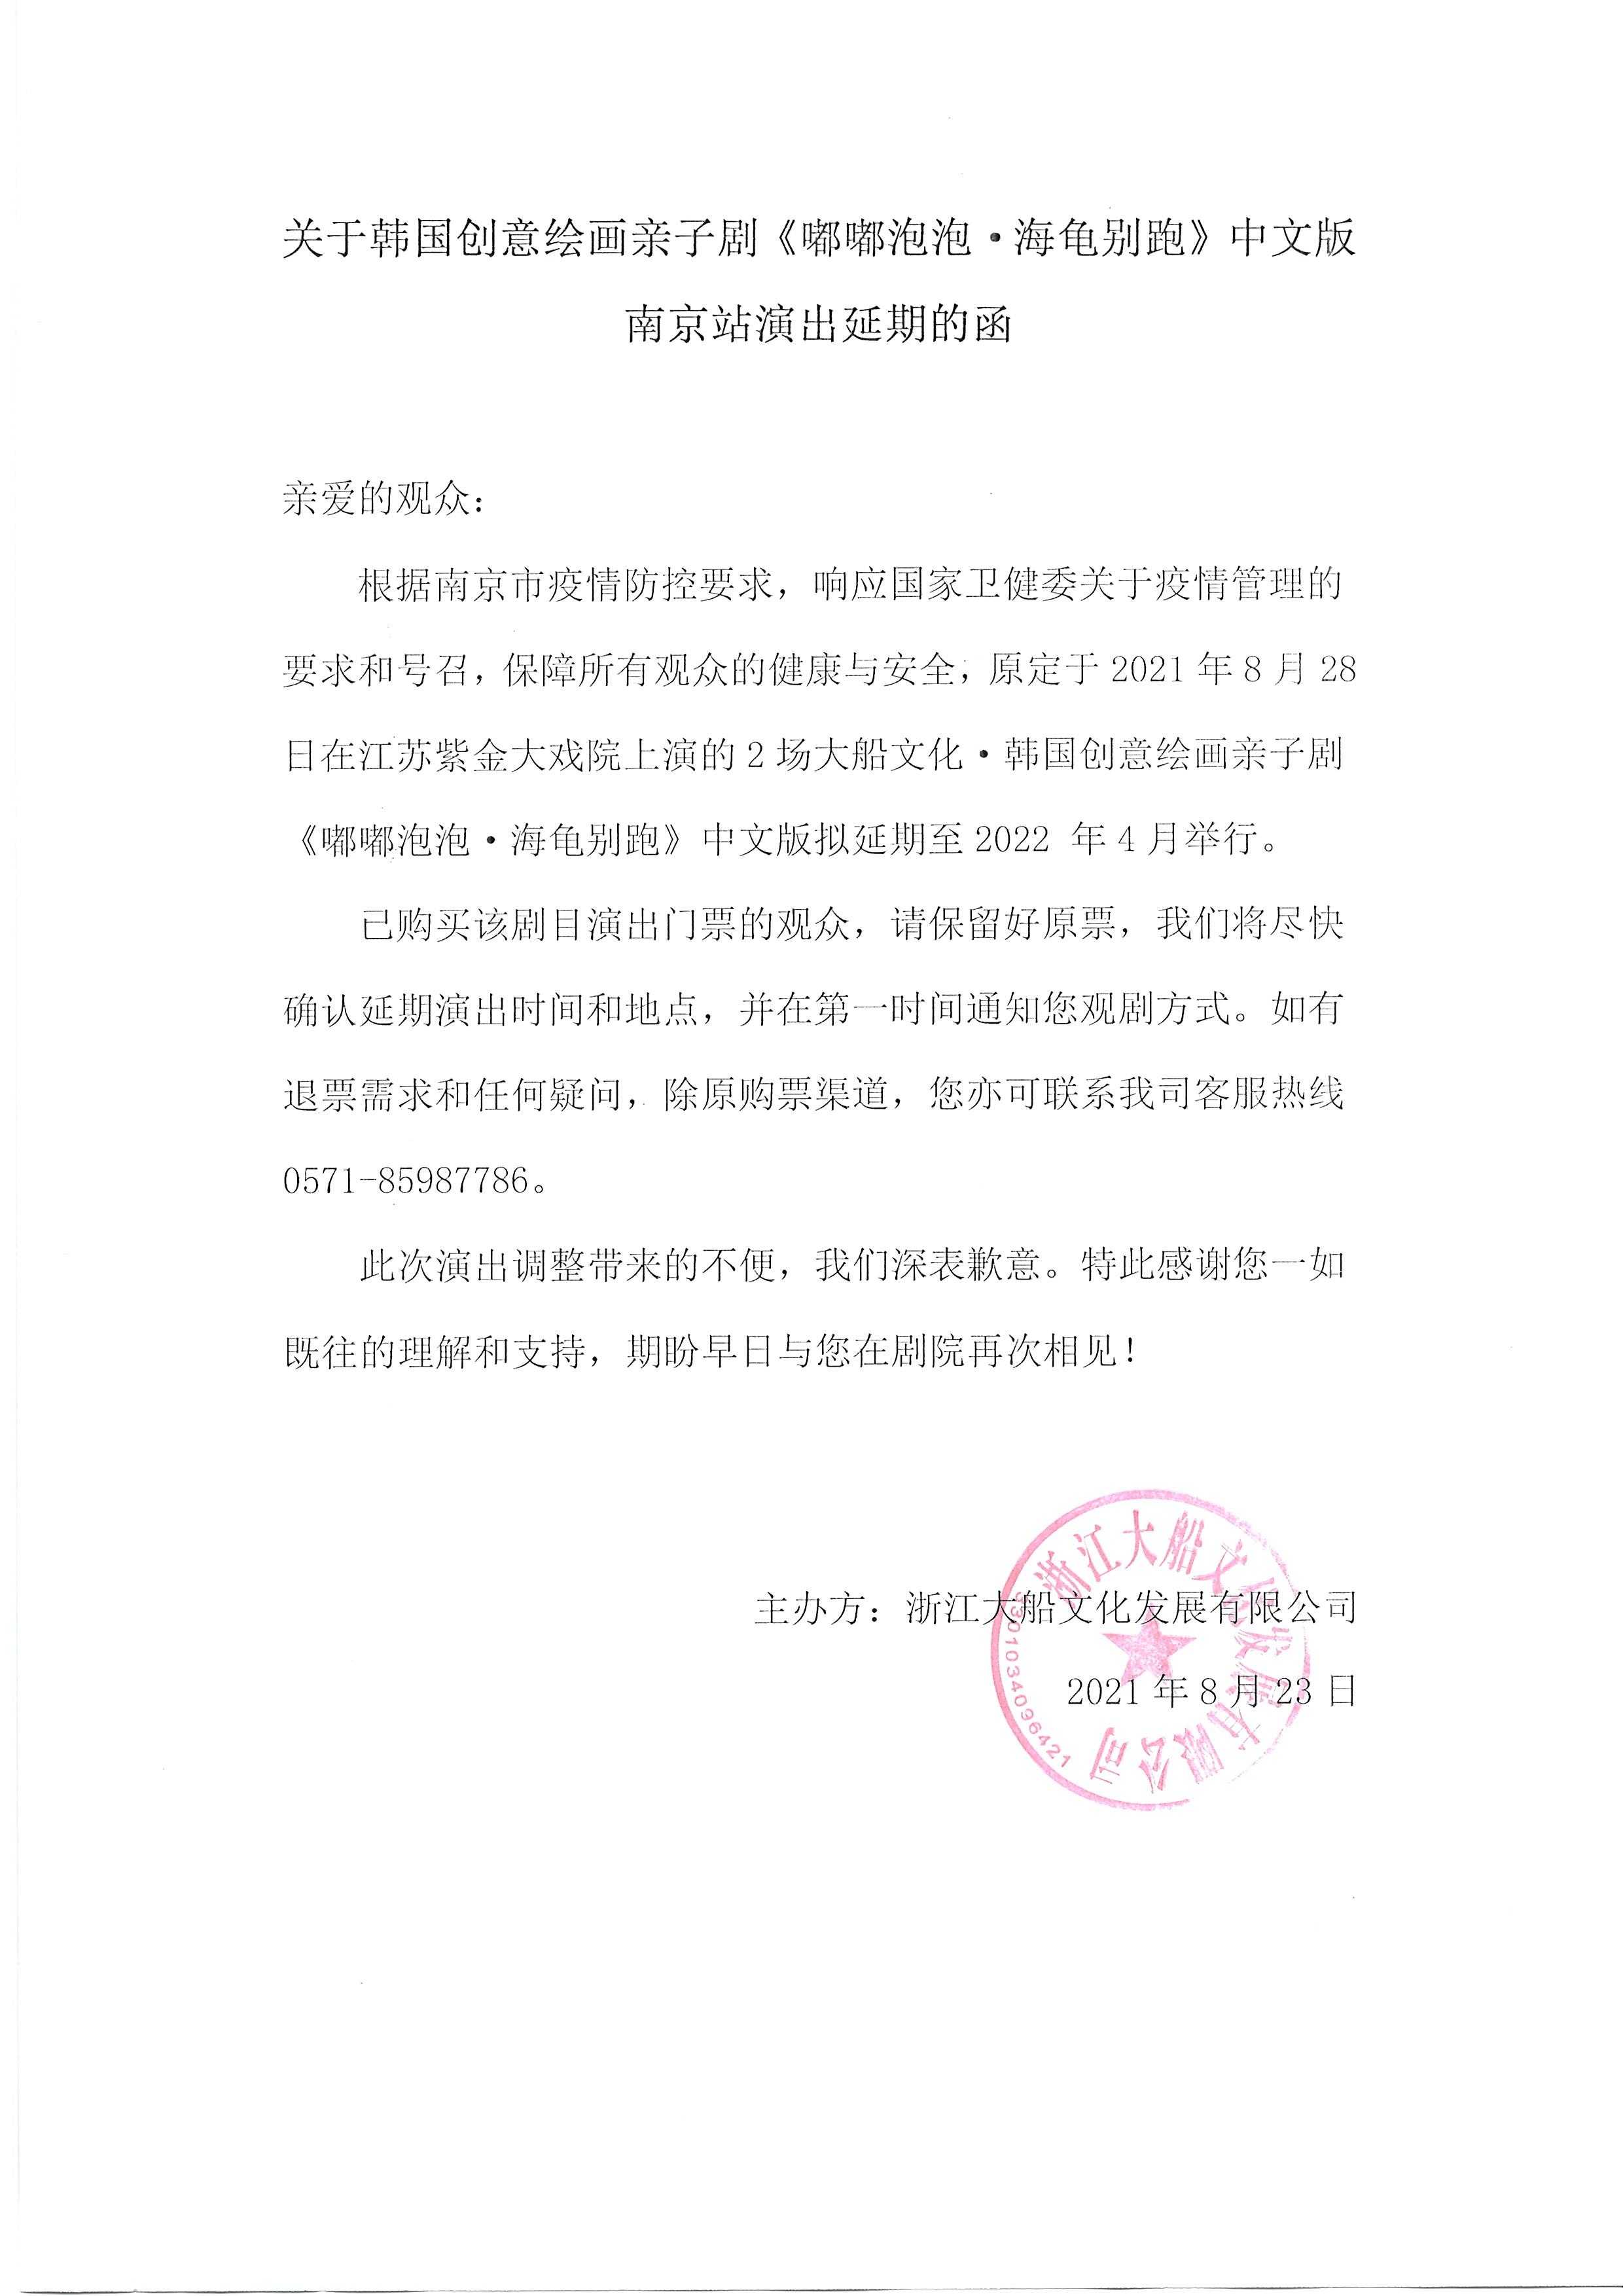 2021南京市文旅消费政府补贴剧目·韩国创意绘画互动亲子剧《嘟嘟泡泡·海龟别跑》中文版-南京站